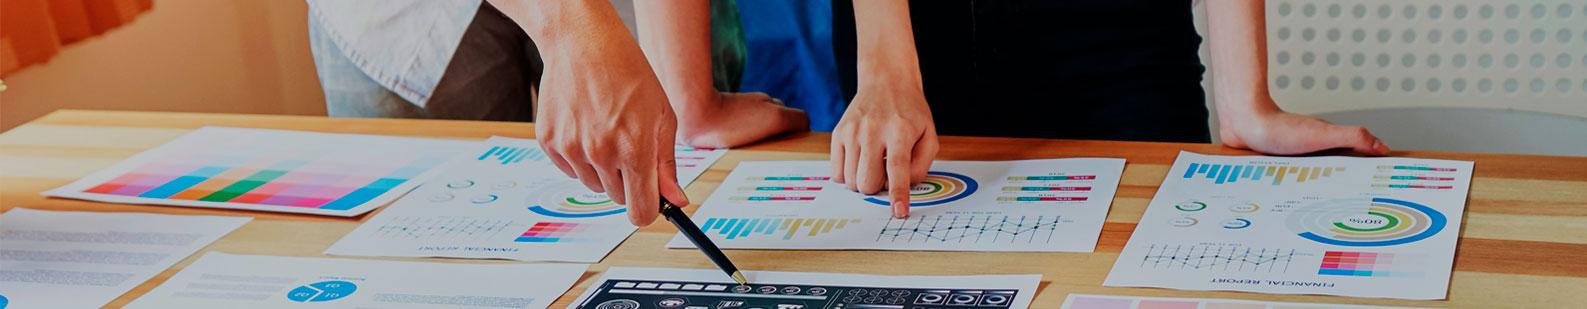 http://www.serpro.gov.br/marca-serpro/co-branding